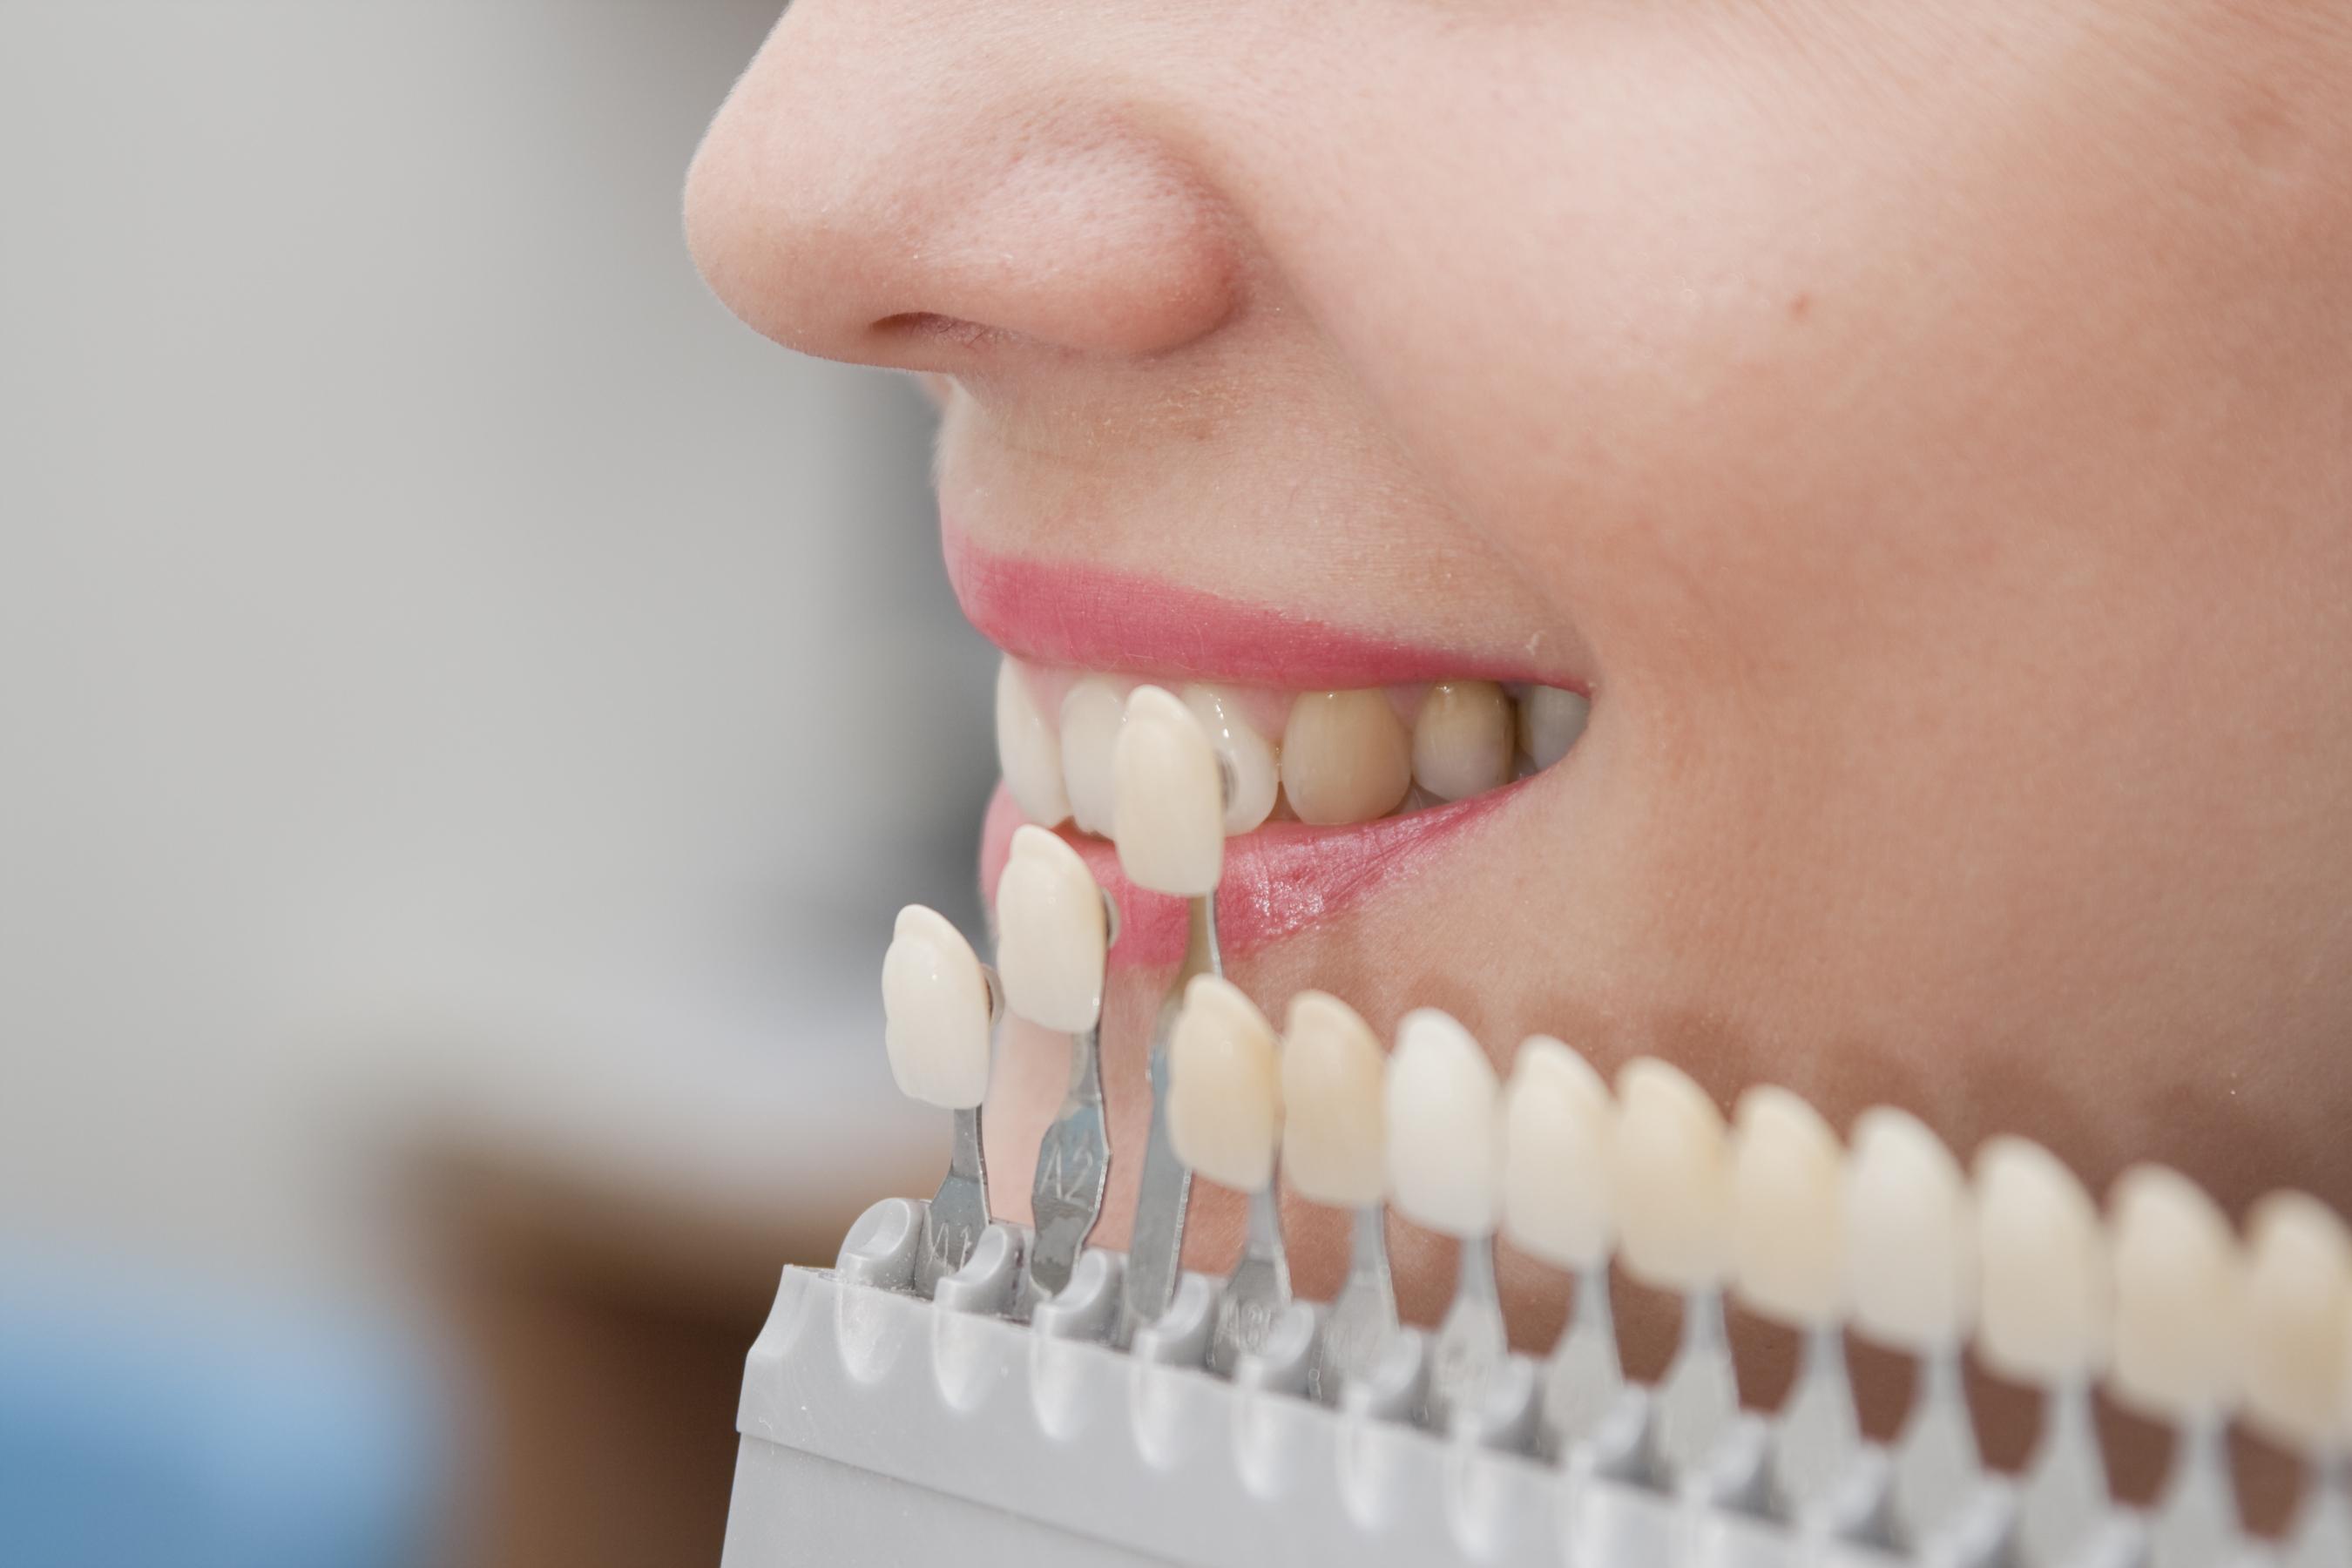 Valymo metu nepasiekiant kai kurių dantų zonų didėja tikimybė, kad jose kaupsis bakterijos ir atsiras kariesas.